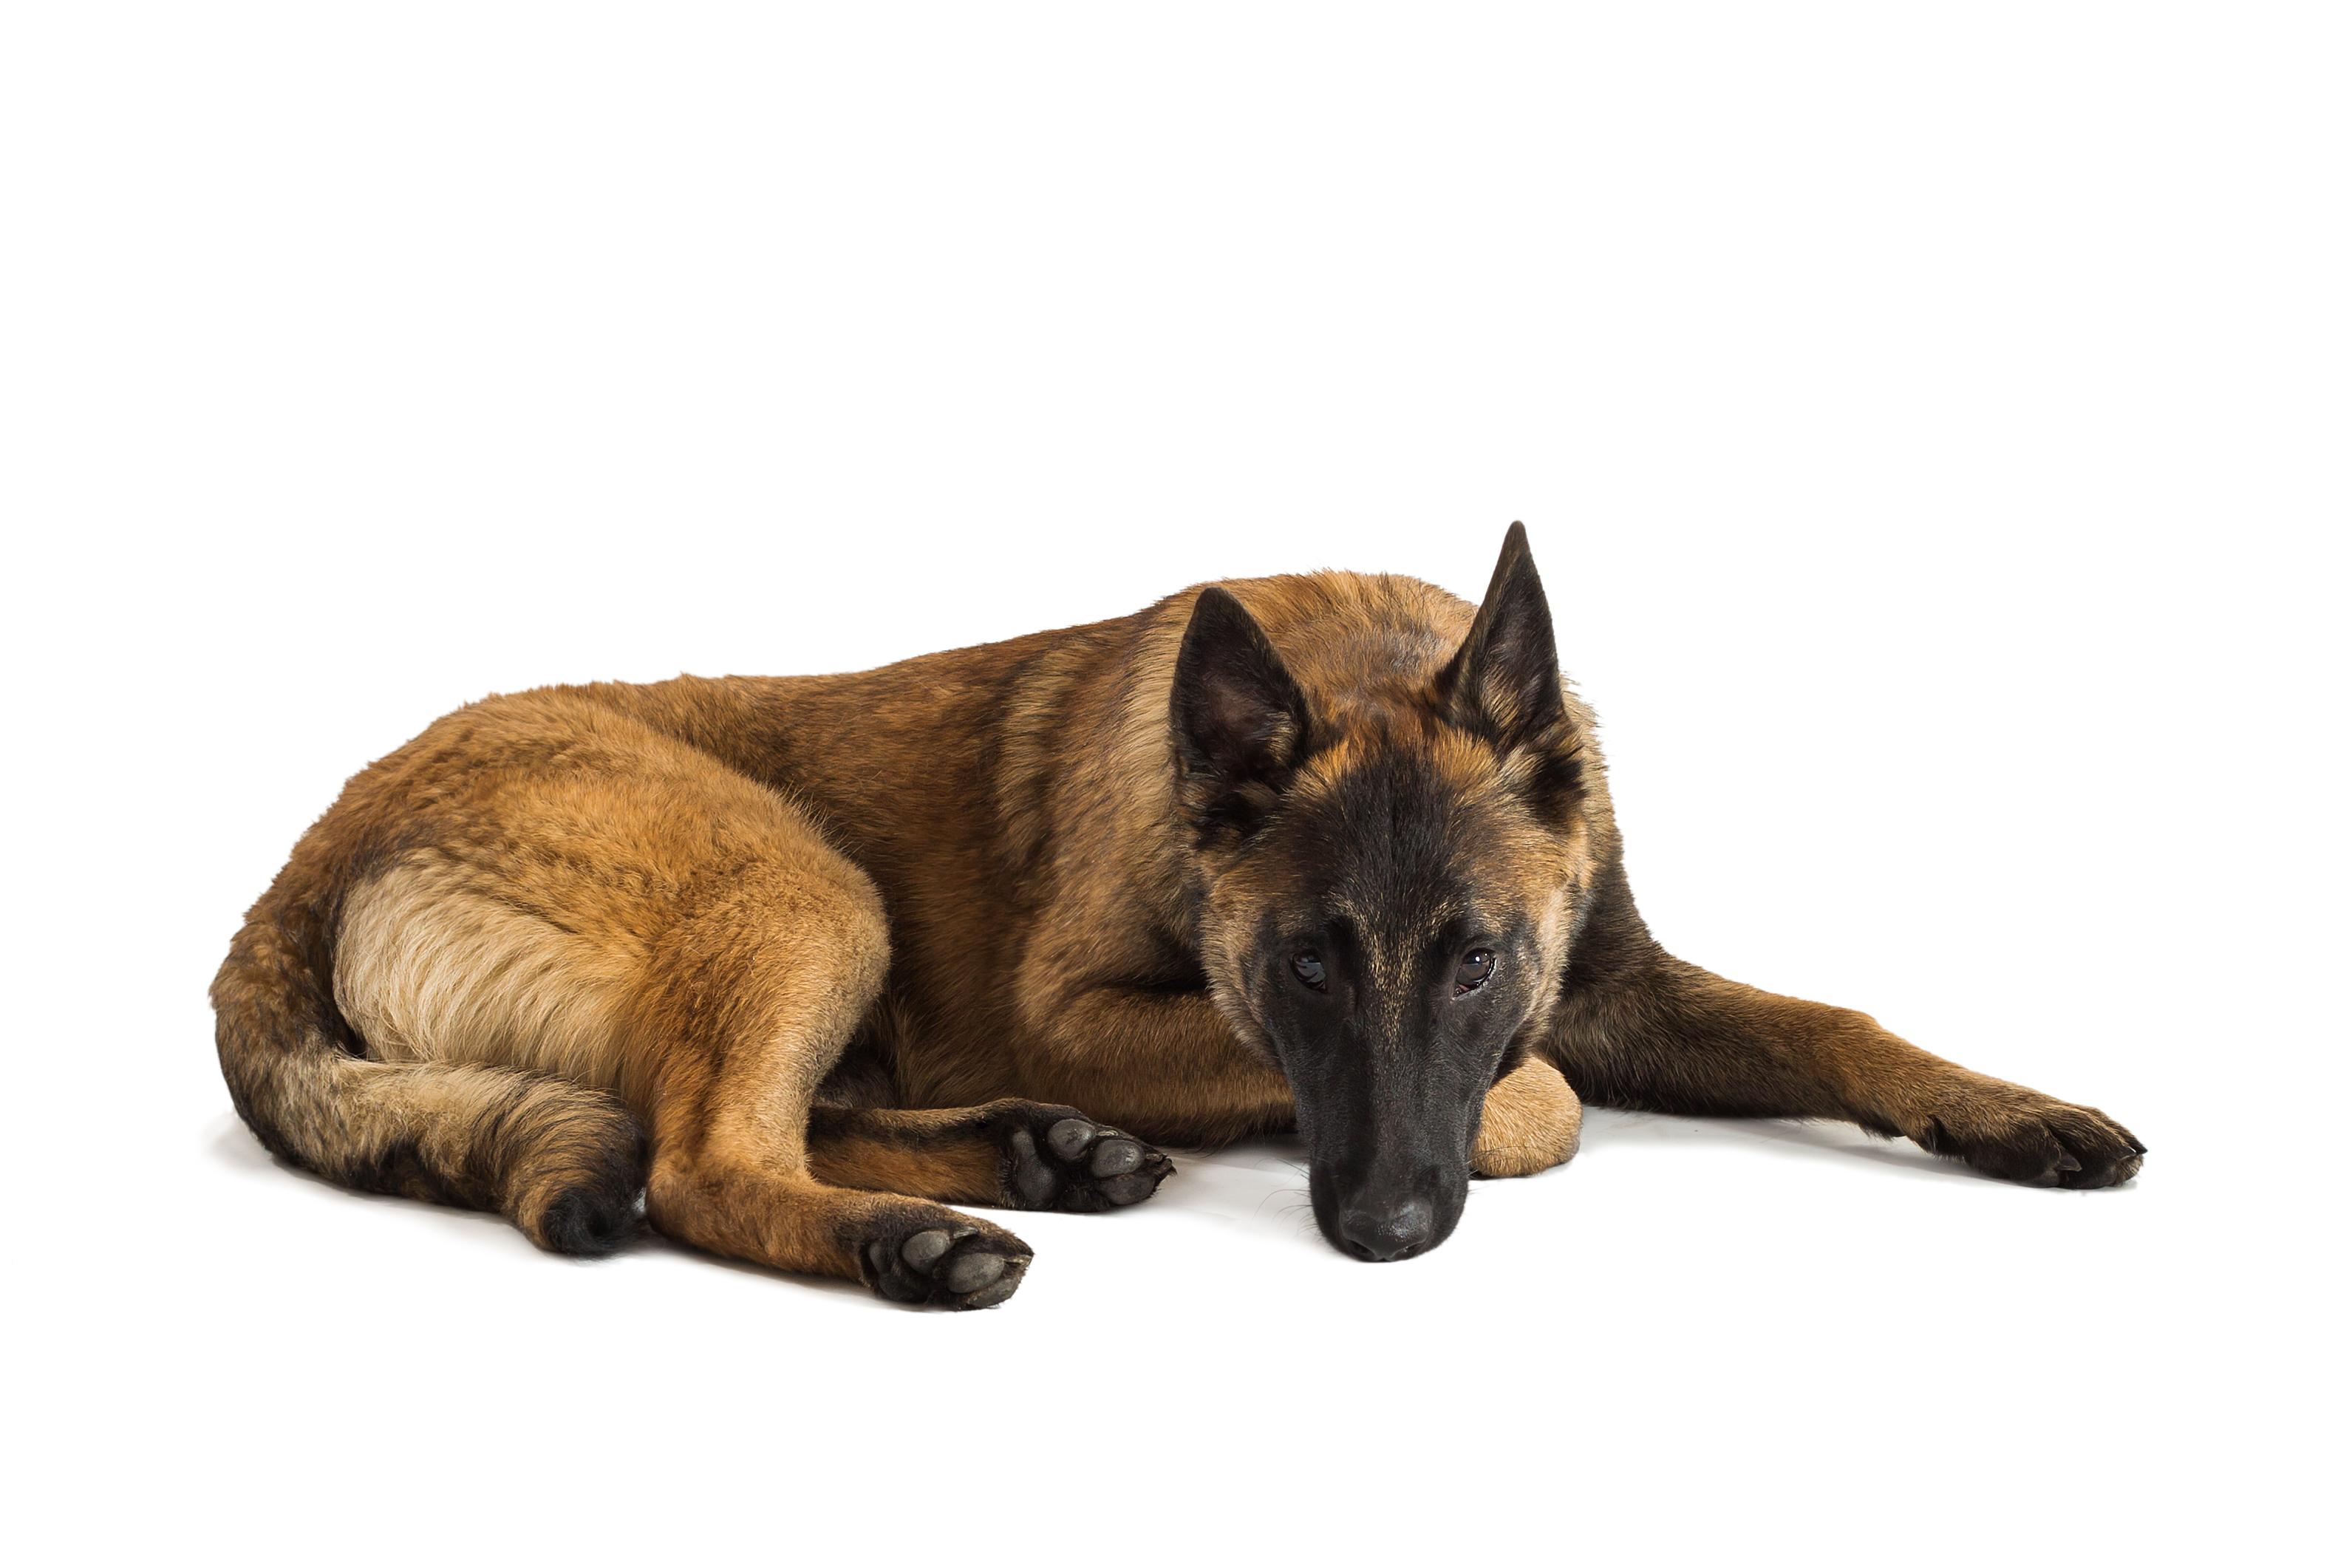 Højmoderne Belgisk Hyrdehund: Malinois. Arbejdshund fra byen Malinois YU-77